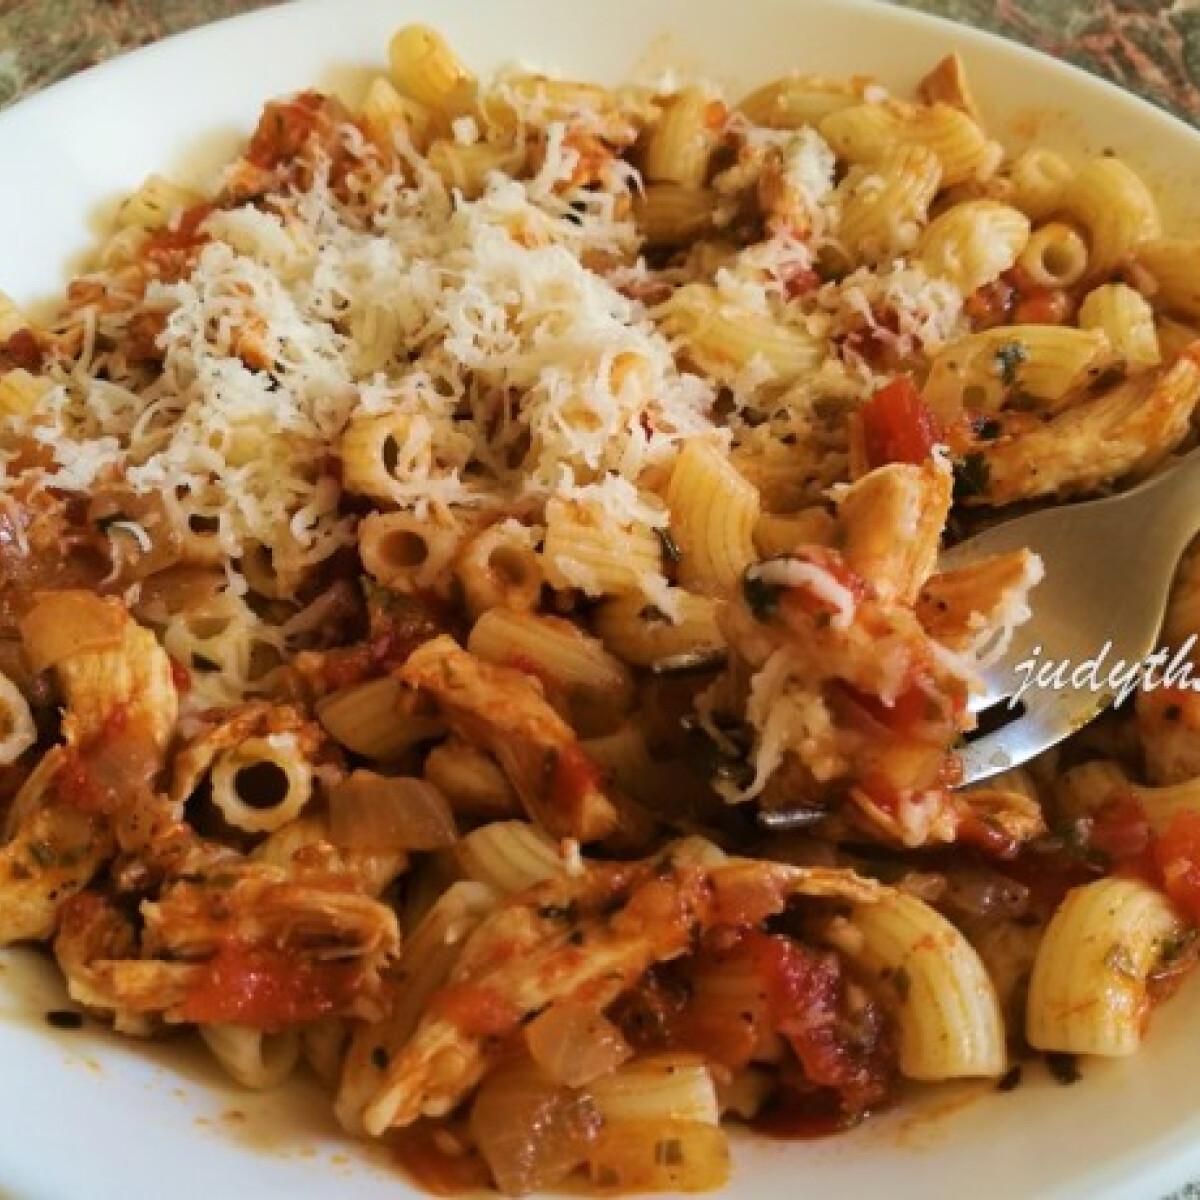 Ezen a képen: Olaszos-fűszeres paradicsomszósz csirkemellel, friss paradicsomból